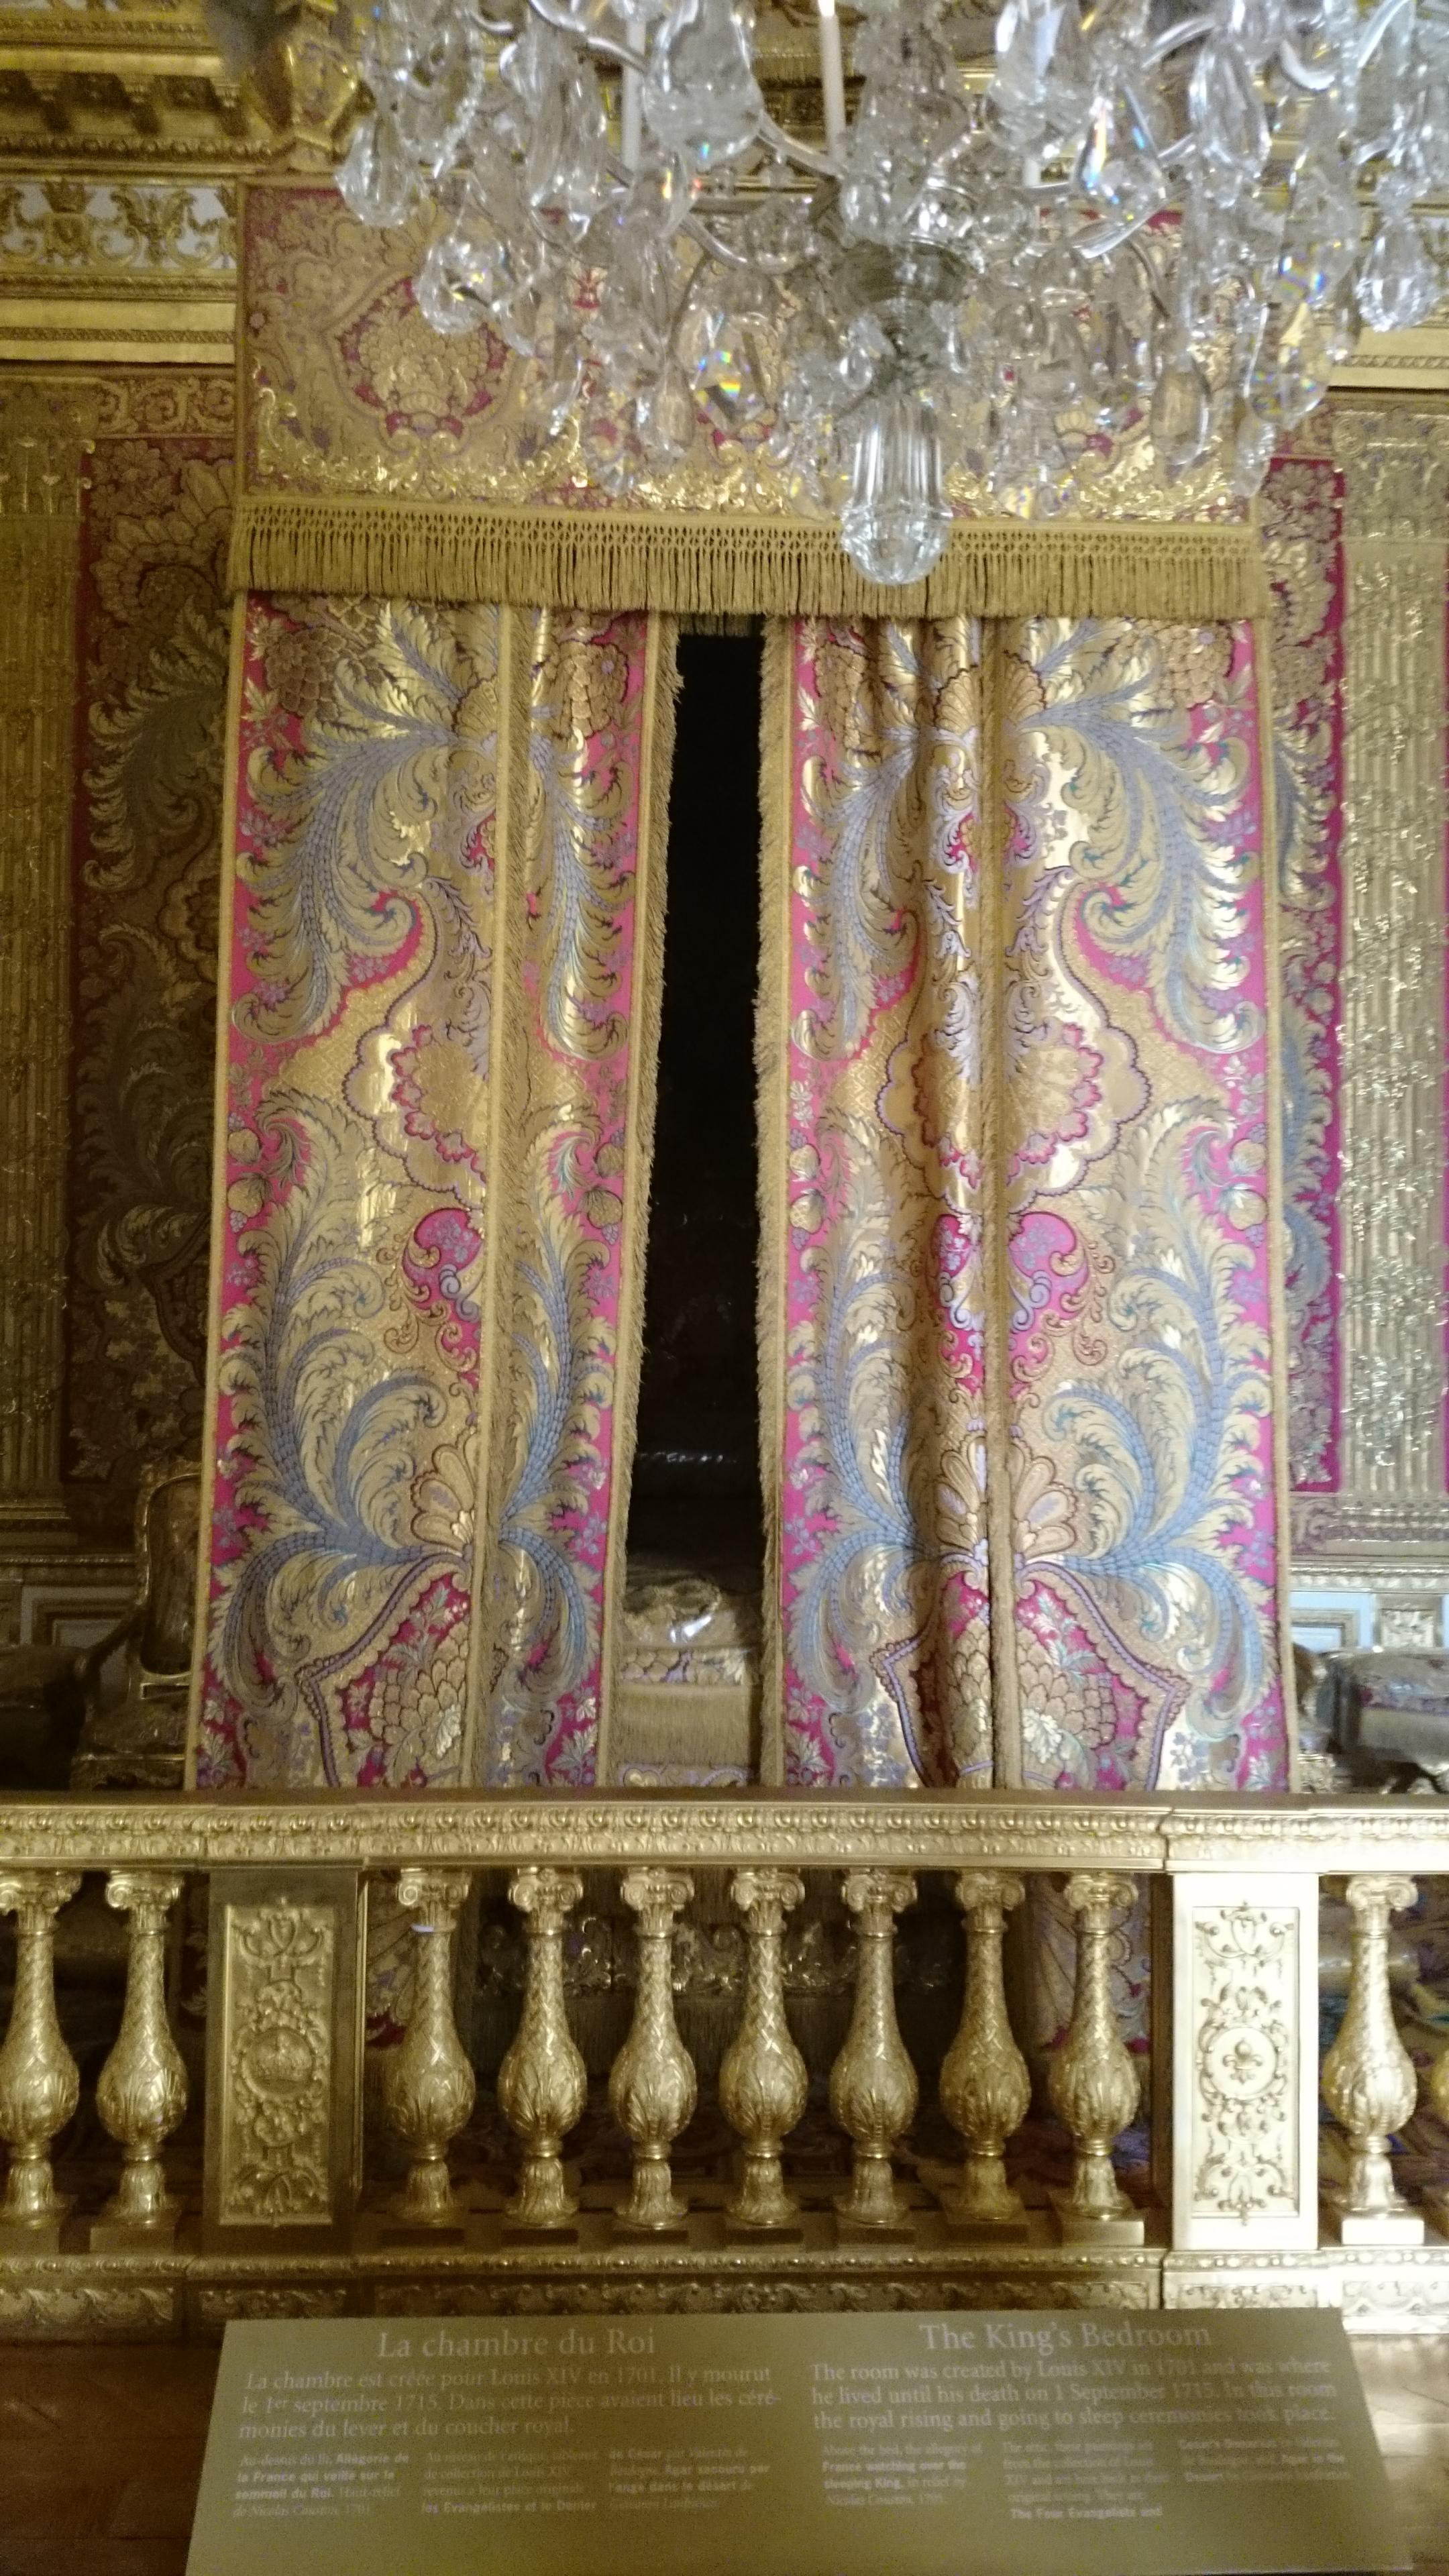 dsc 13831 - Visita al Palacio de Versalles: Como ir, cuanto cuesta y tips III/III